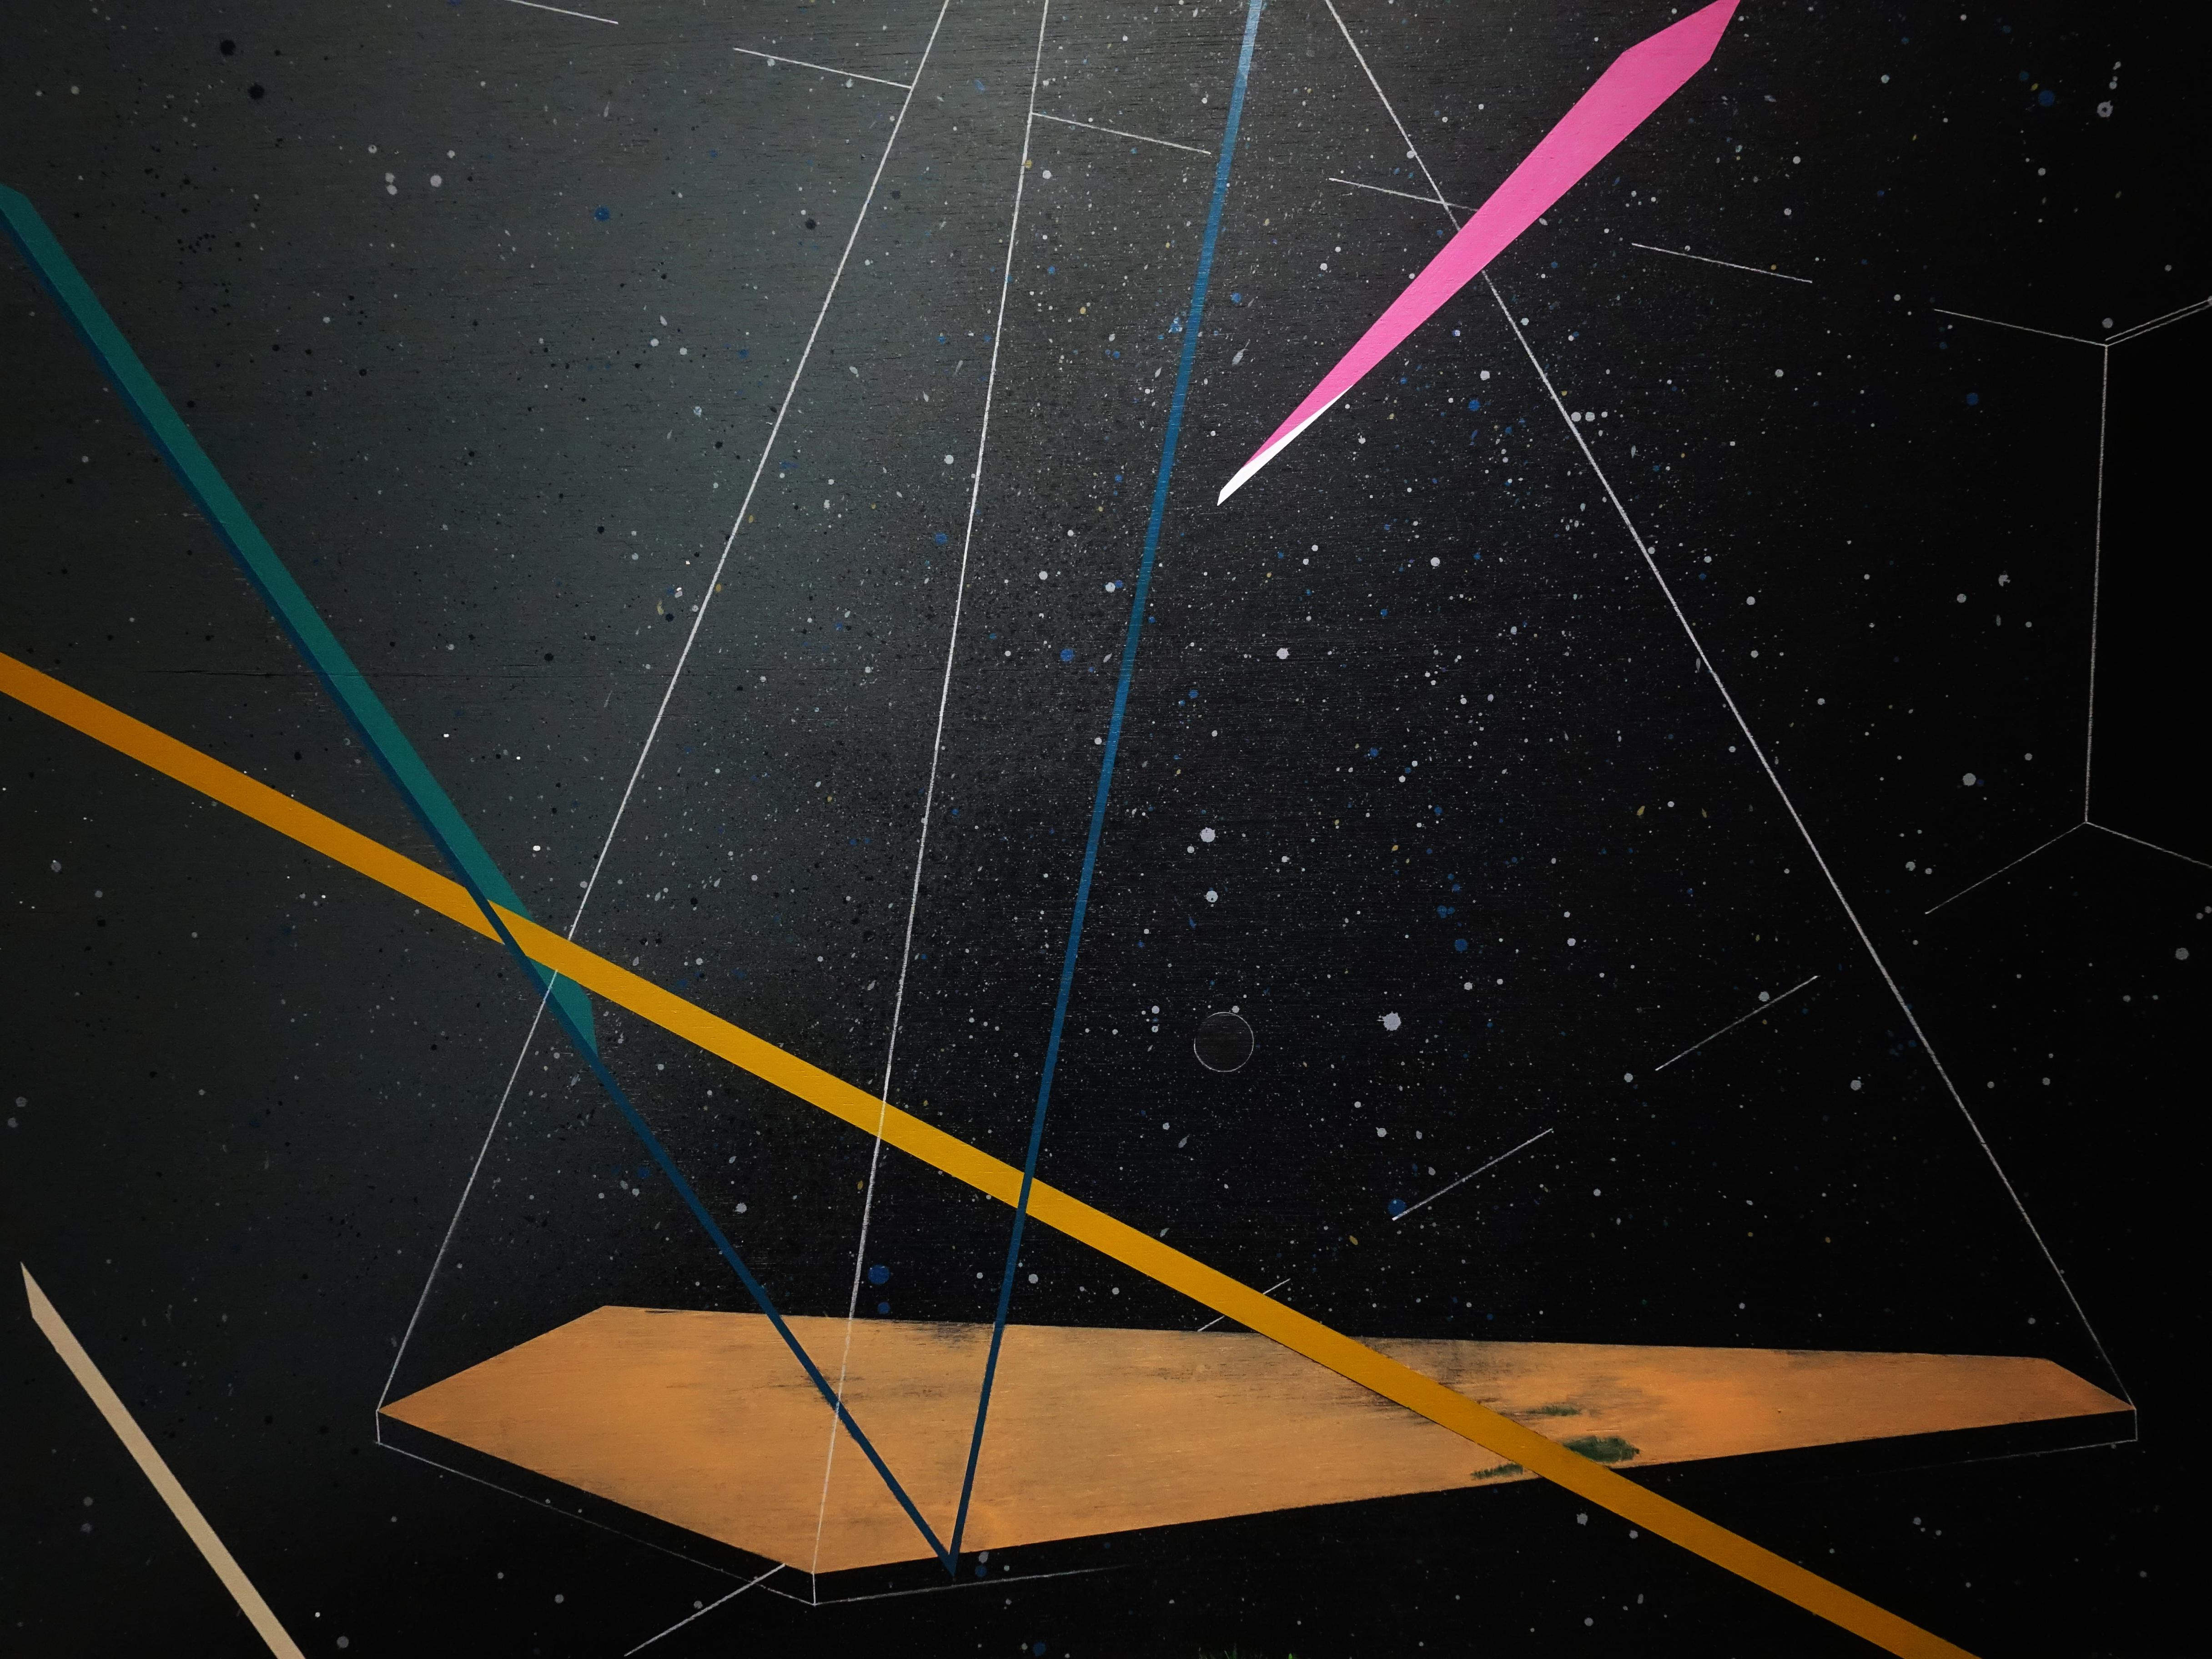 張獻文,《移植∞繁殖計畫23》,120x120x5 cm,木板、丙烯酸顏料、炭精筆、鉛筆,2019。